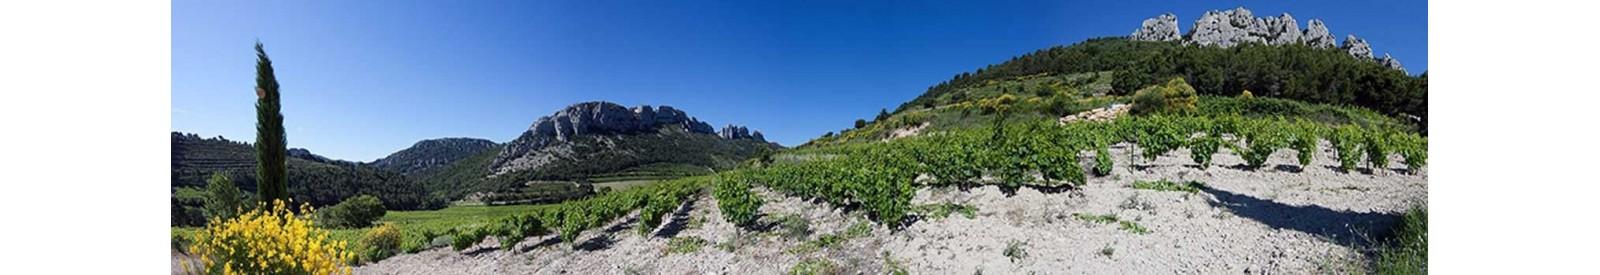 Domaine de Fenouillet - Muscat Beaumes de Venise – Vin Bio